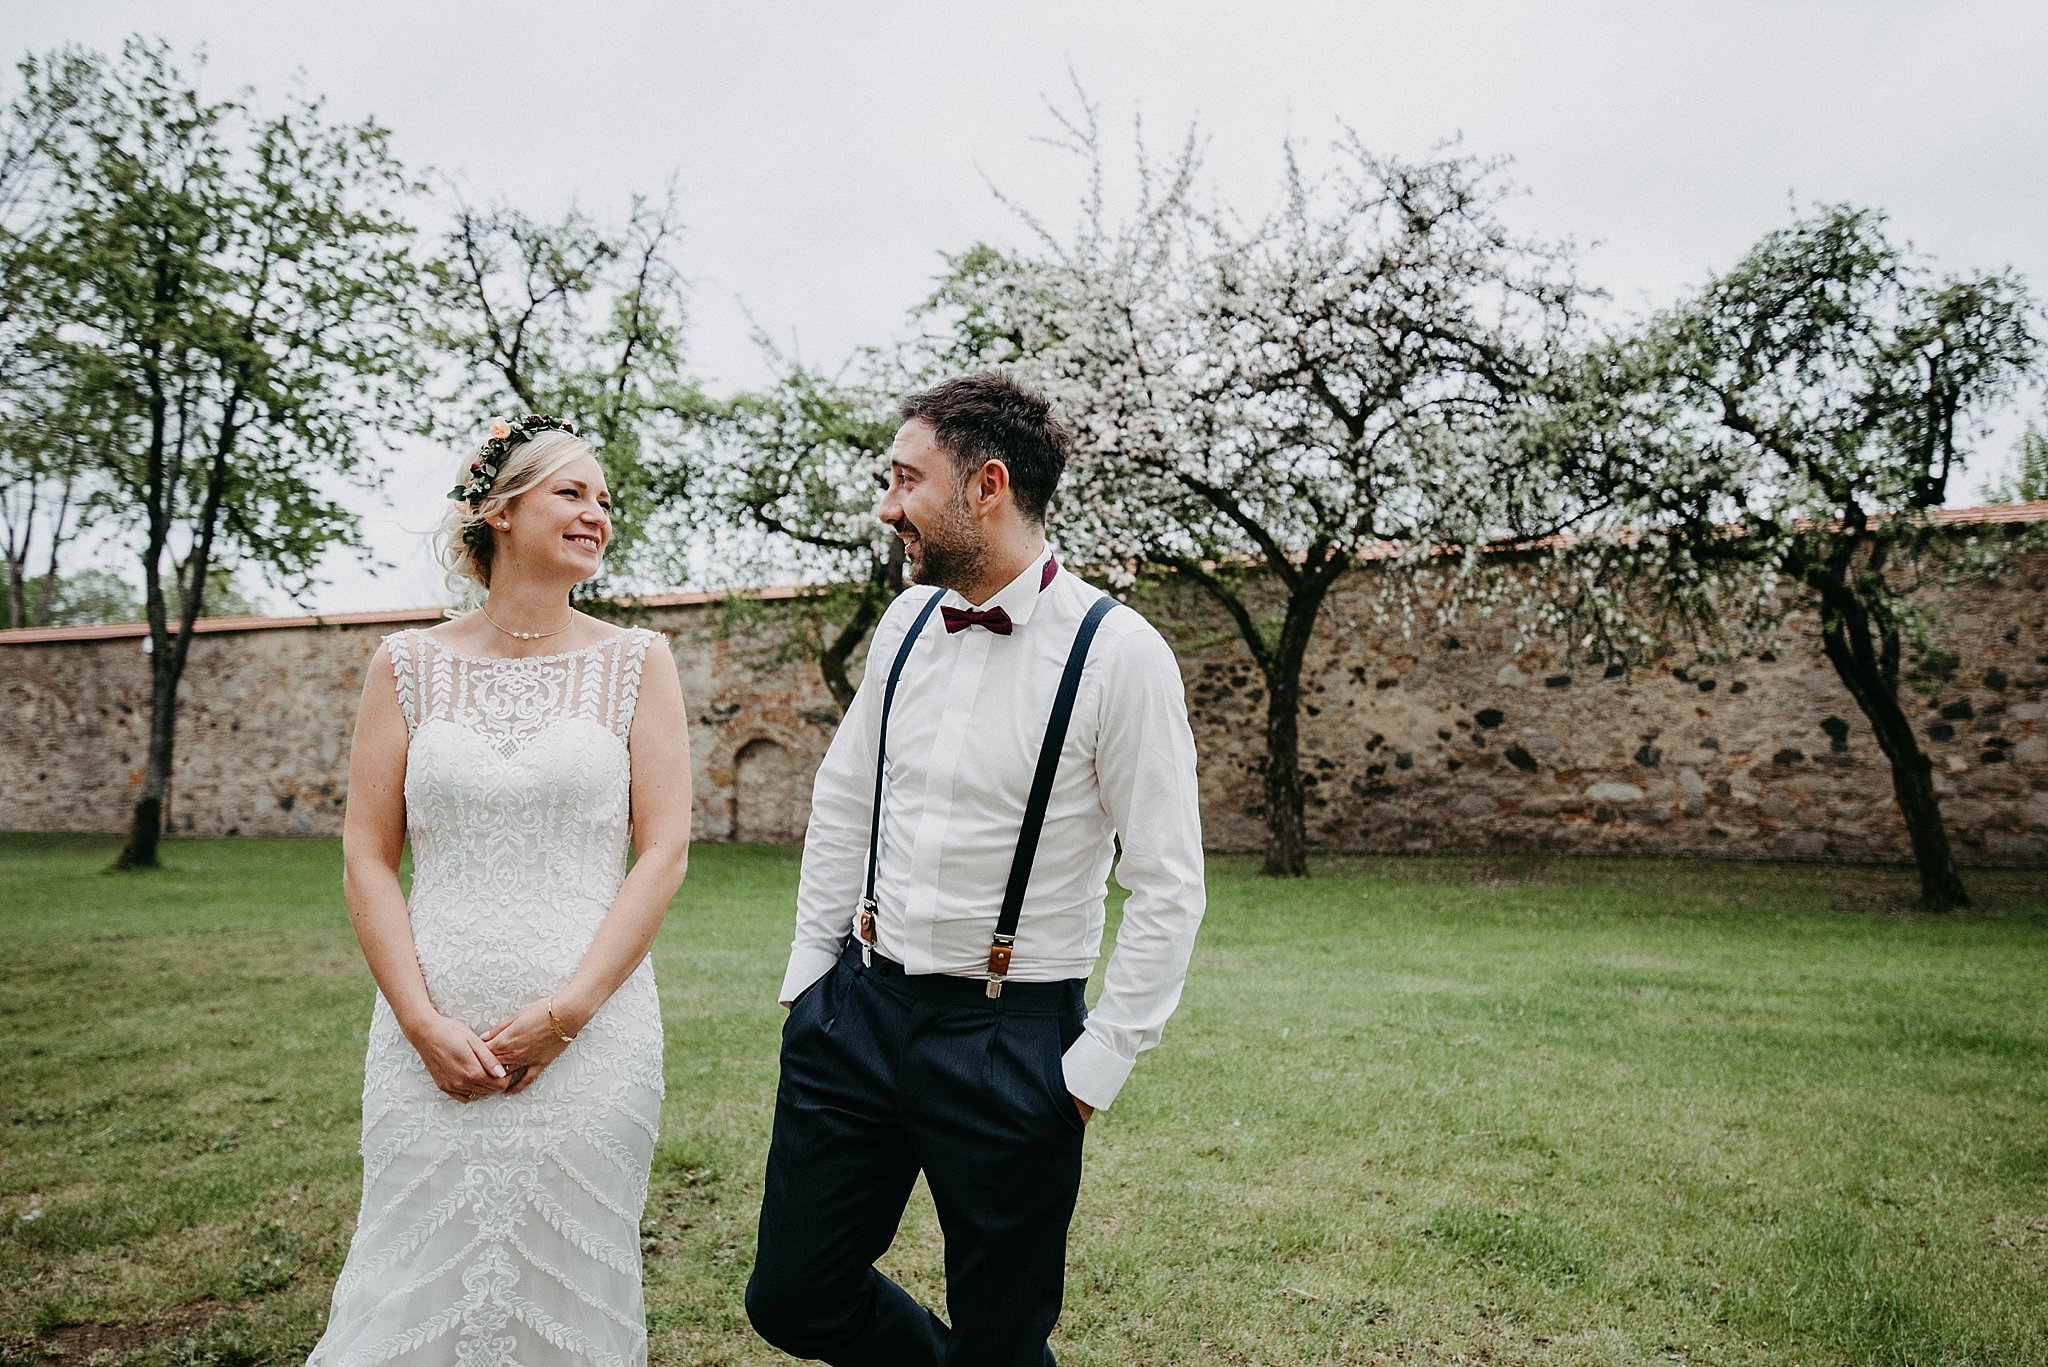 Hochzeit-von-Marina-Dominik-auf-Burg-Wernberg-und-Schloss-Friedrichsburg-00051